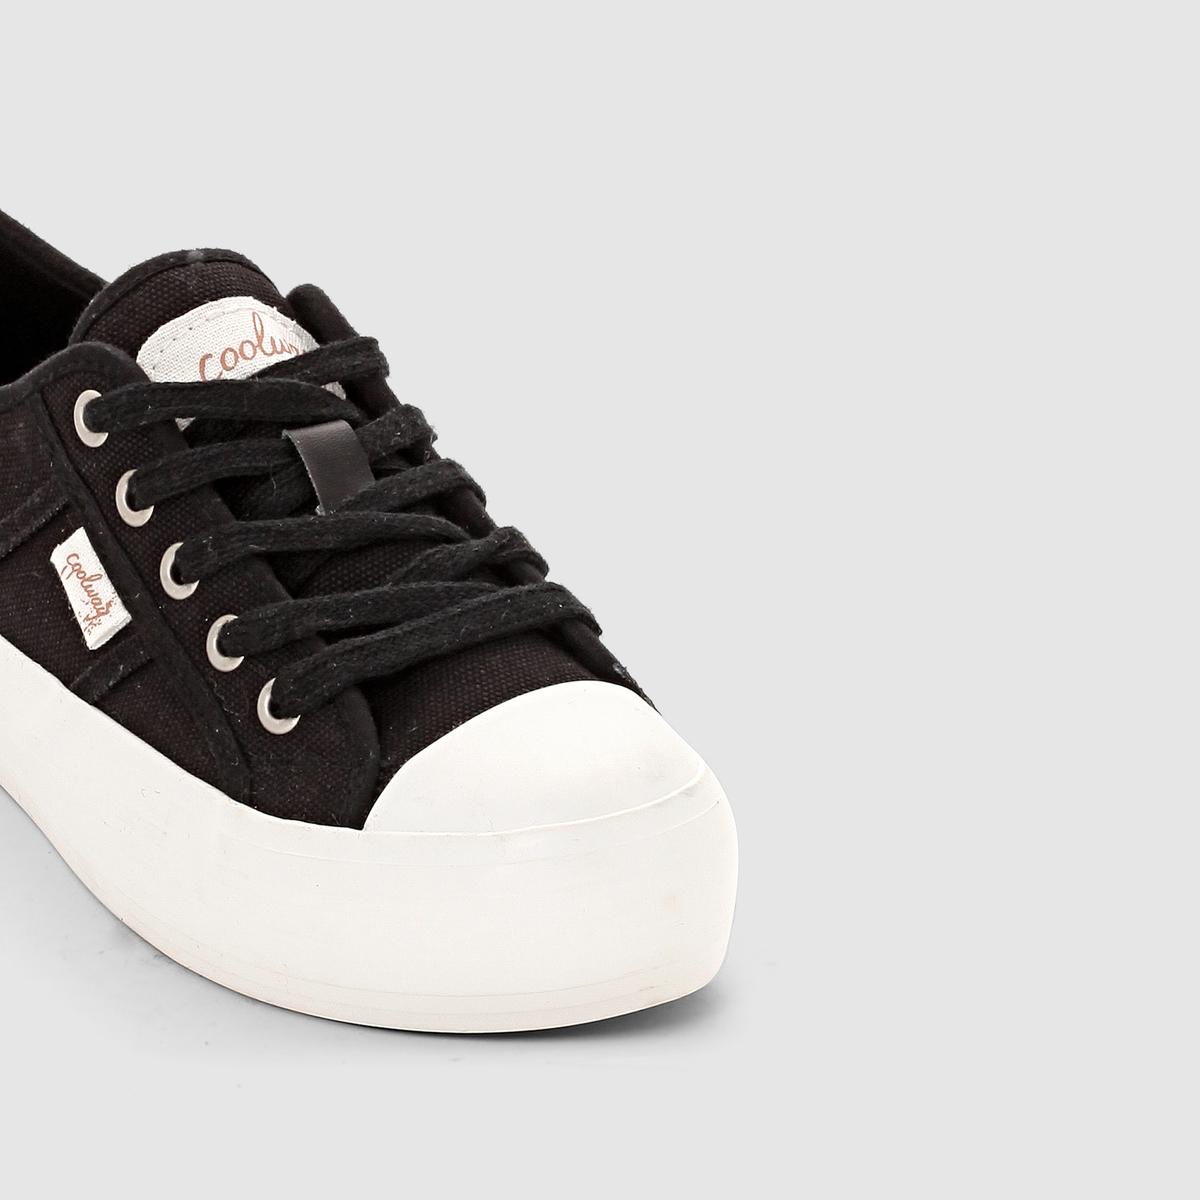 Кеды низкие на платформе, на шнуровке, DANIELAКеды низкие на платформе, на шнуровке, DANIELA от COOLWAY.Верх : текстильПодкладка : текстильСтелька : текстильПодошва : каучукЗастежка : шнуровкаВысота каблука  : 3 см Форма мягких теннисных туфель, подчеркнутаяплатформой : еще один модный намек от марки Coolway !<br><br>Цвет: черный<br>Размер: 37.41